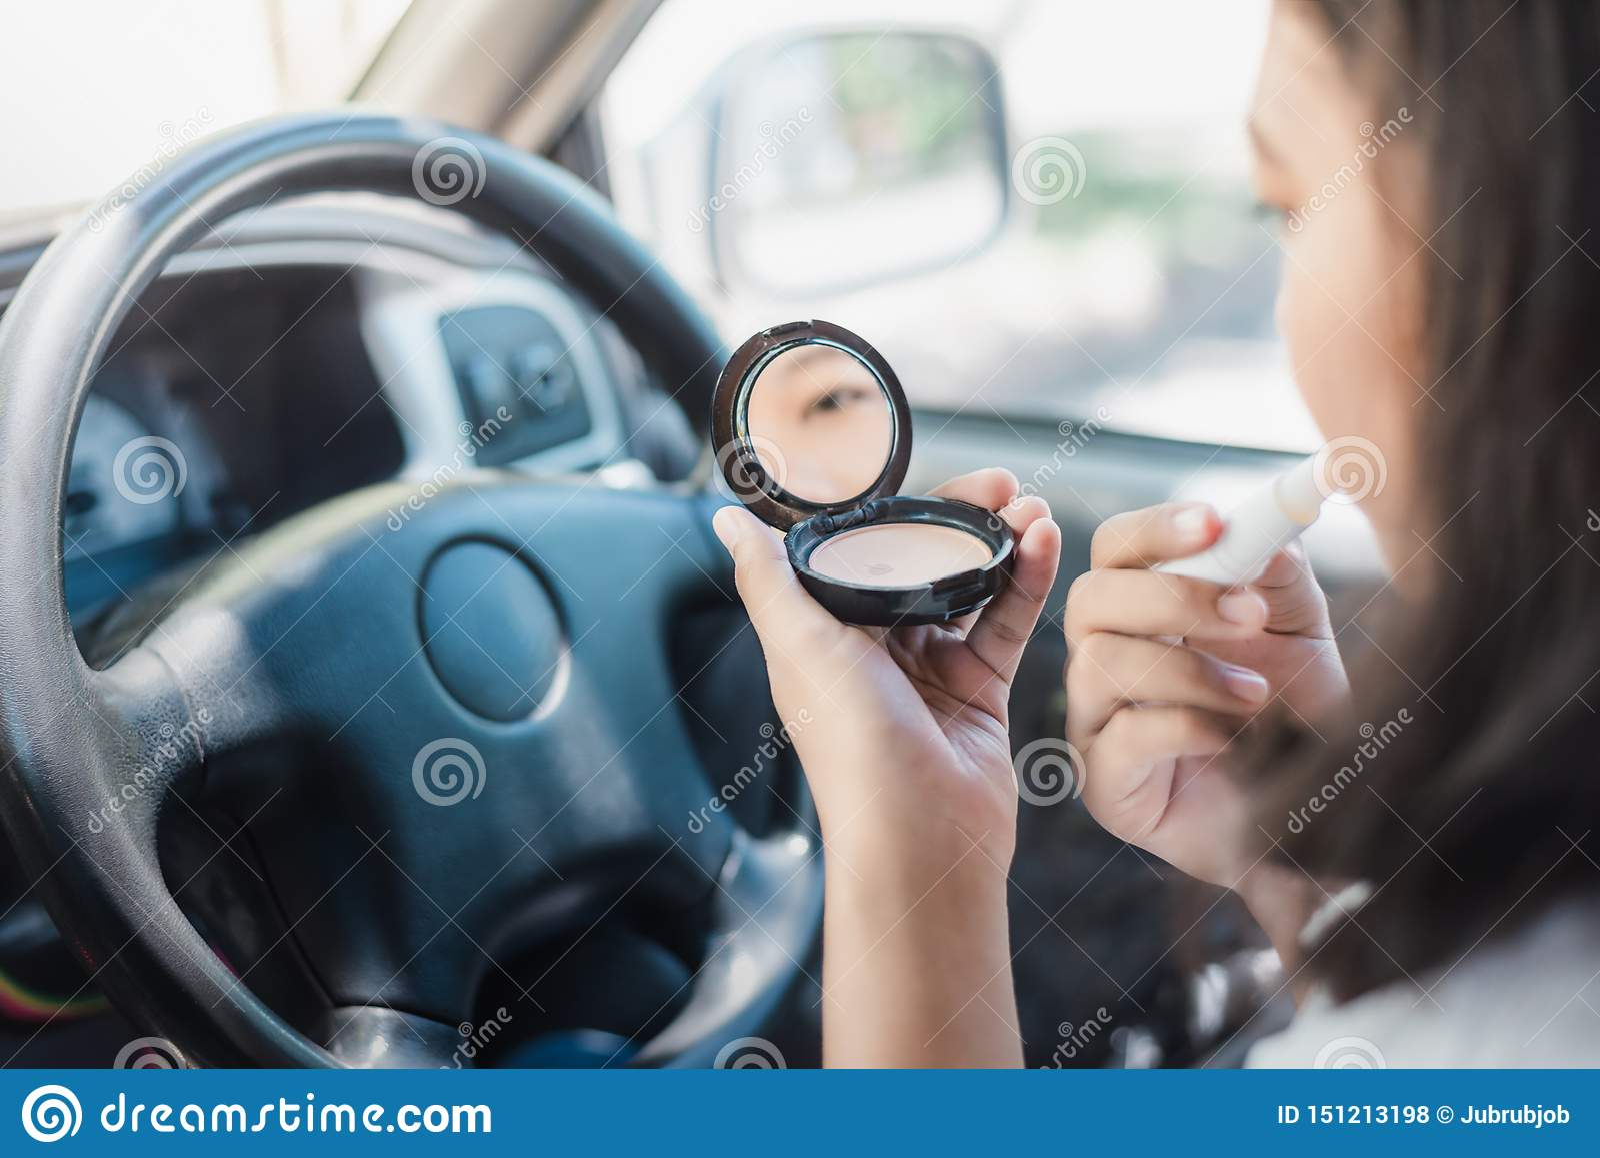 Das Handeln der jungen Frau bildet im Auto und malt Lippenstift